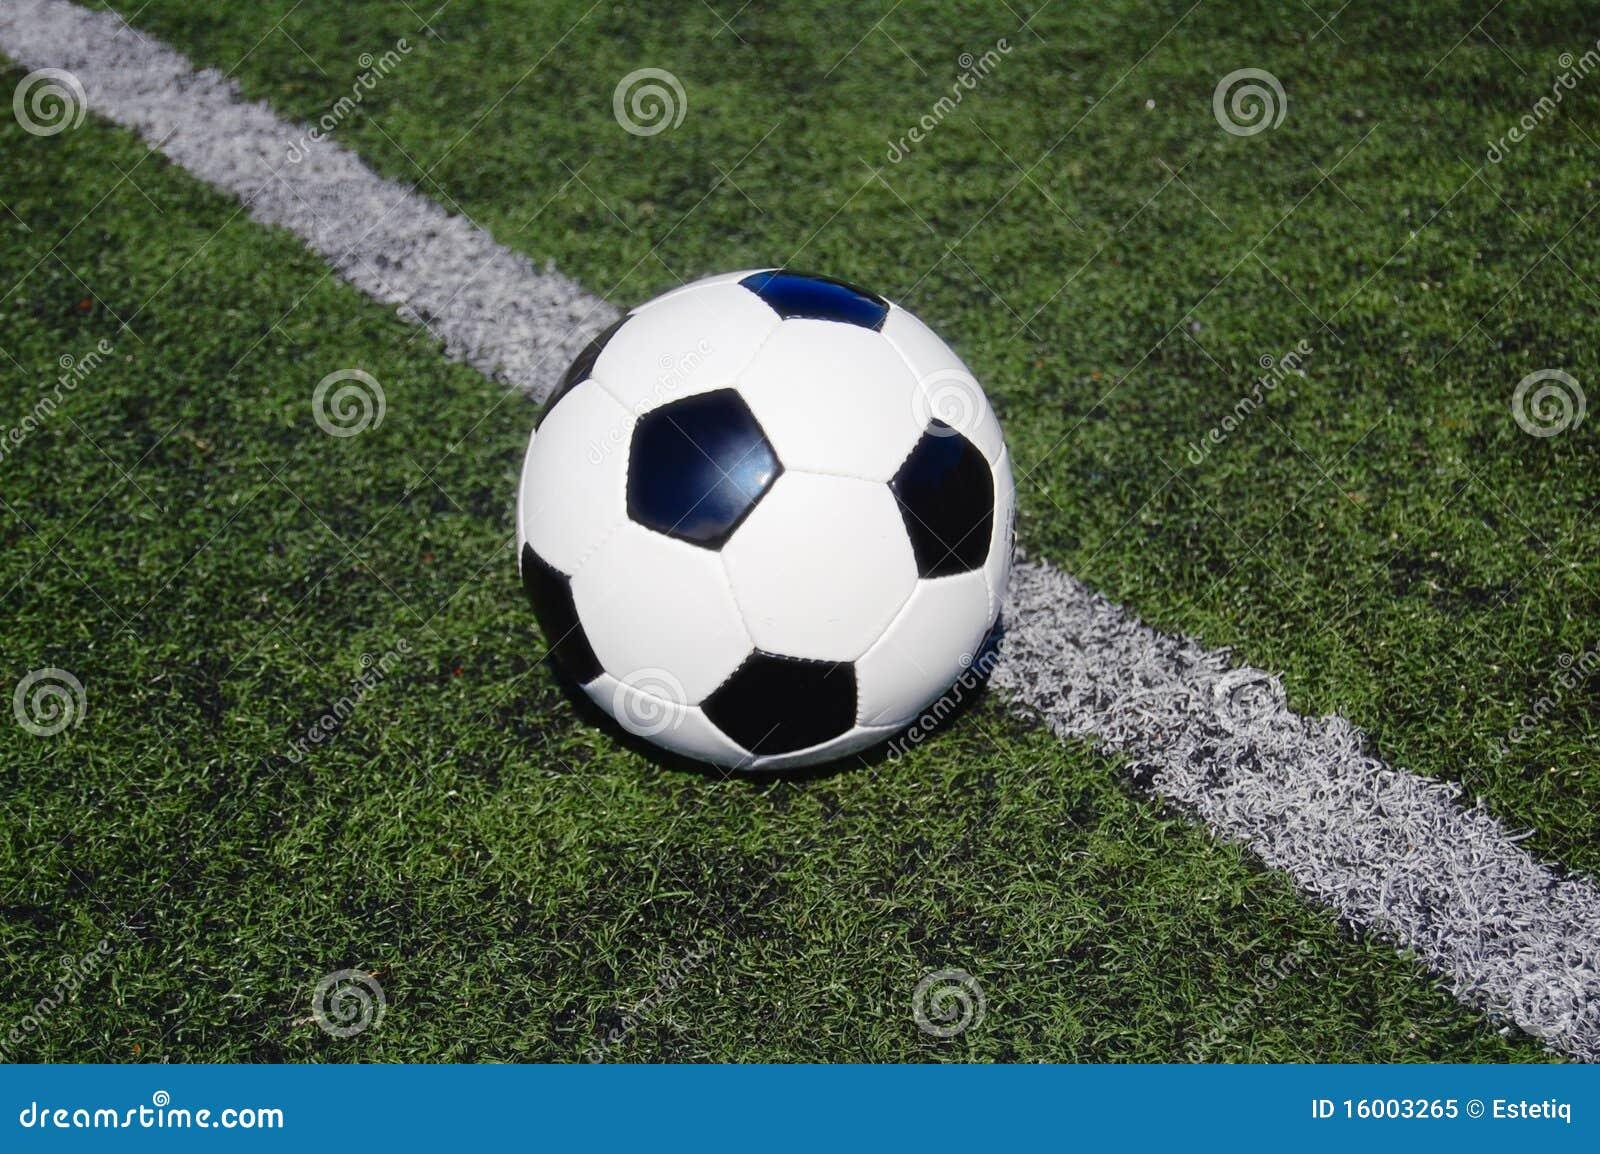 Gioco del calcio sul tappeto erboso di astro fotografia for Tappeto erboso prezzi